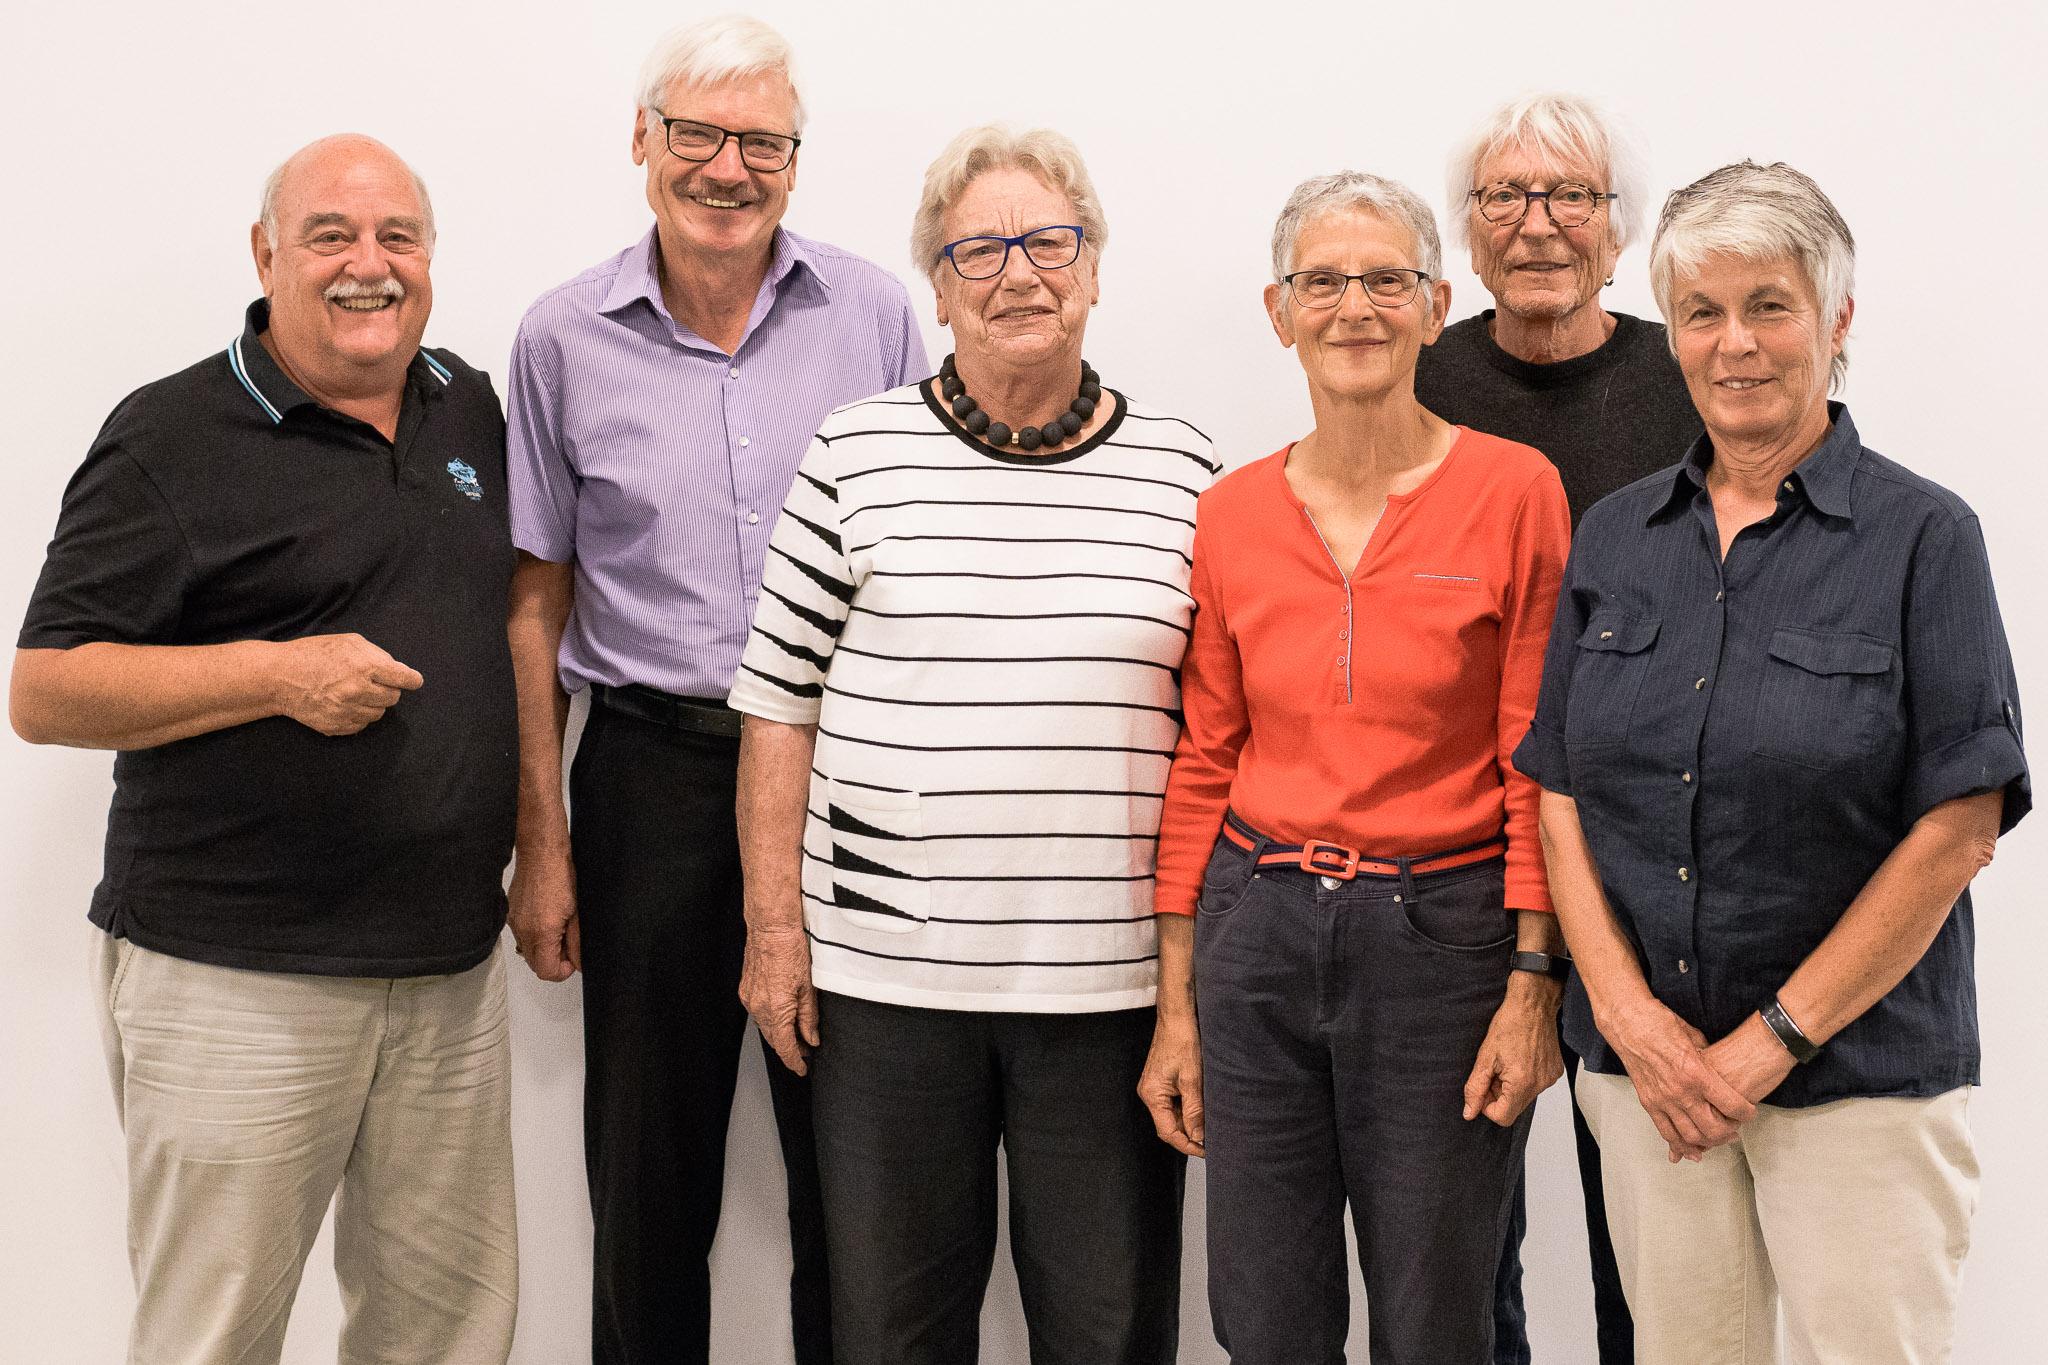 Der Gründungsvorstand von SP 60+ wurde an der Gründungsversammlung vom 17.10.2018 einstimmig gewählt. v.l.n.r. Marcel Huggenberger, Charly Suter, Sigrid Bürgi, Ruth Schmid, Hansjürg Rohner, Marie-Louise Nussbaumer.